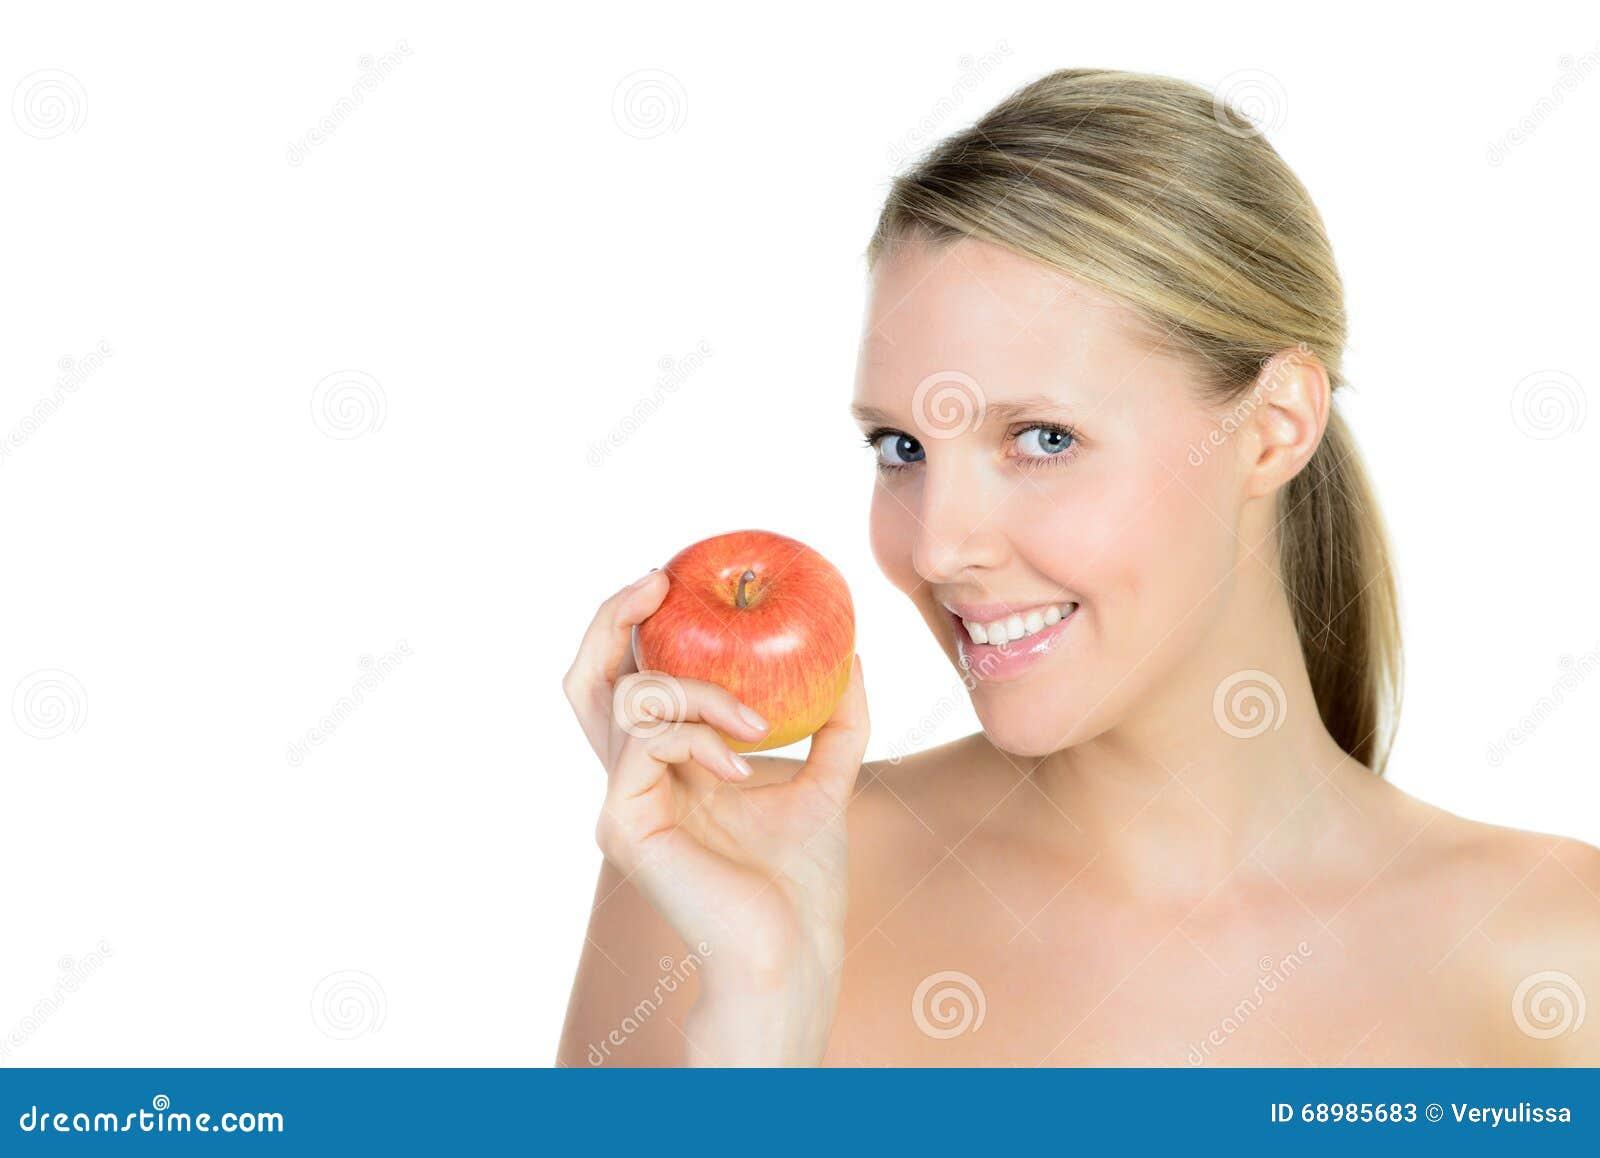 Portret van mooie jonge blonde vrouw met schoon gezicht en appl